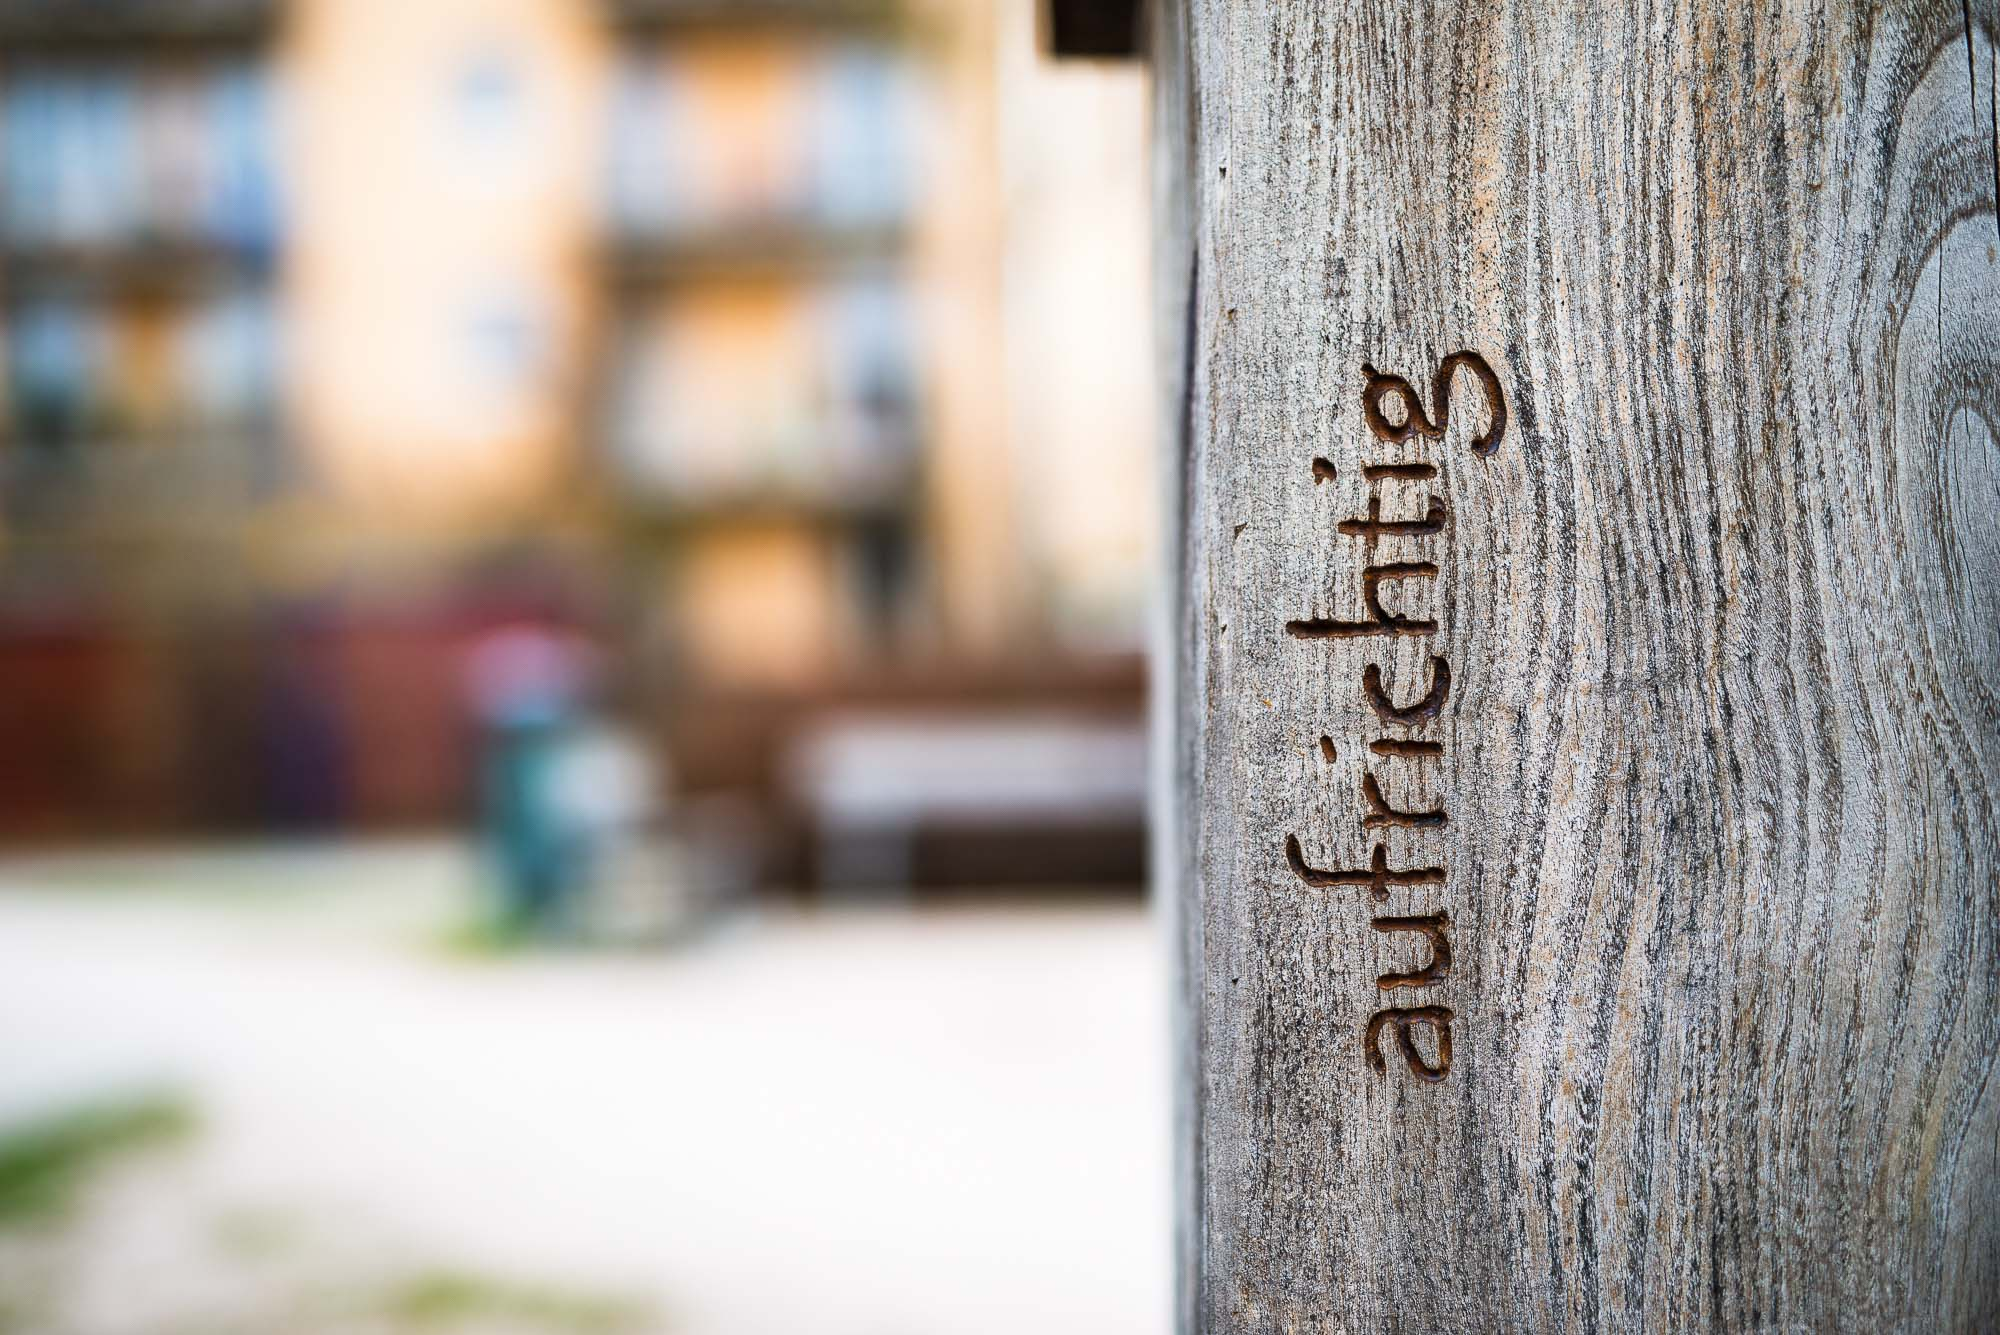 aufrichtig. Inschrift auf dem Georg Elser - Denkmal in Freiburg-Vauban